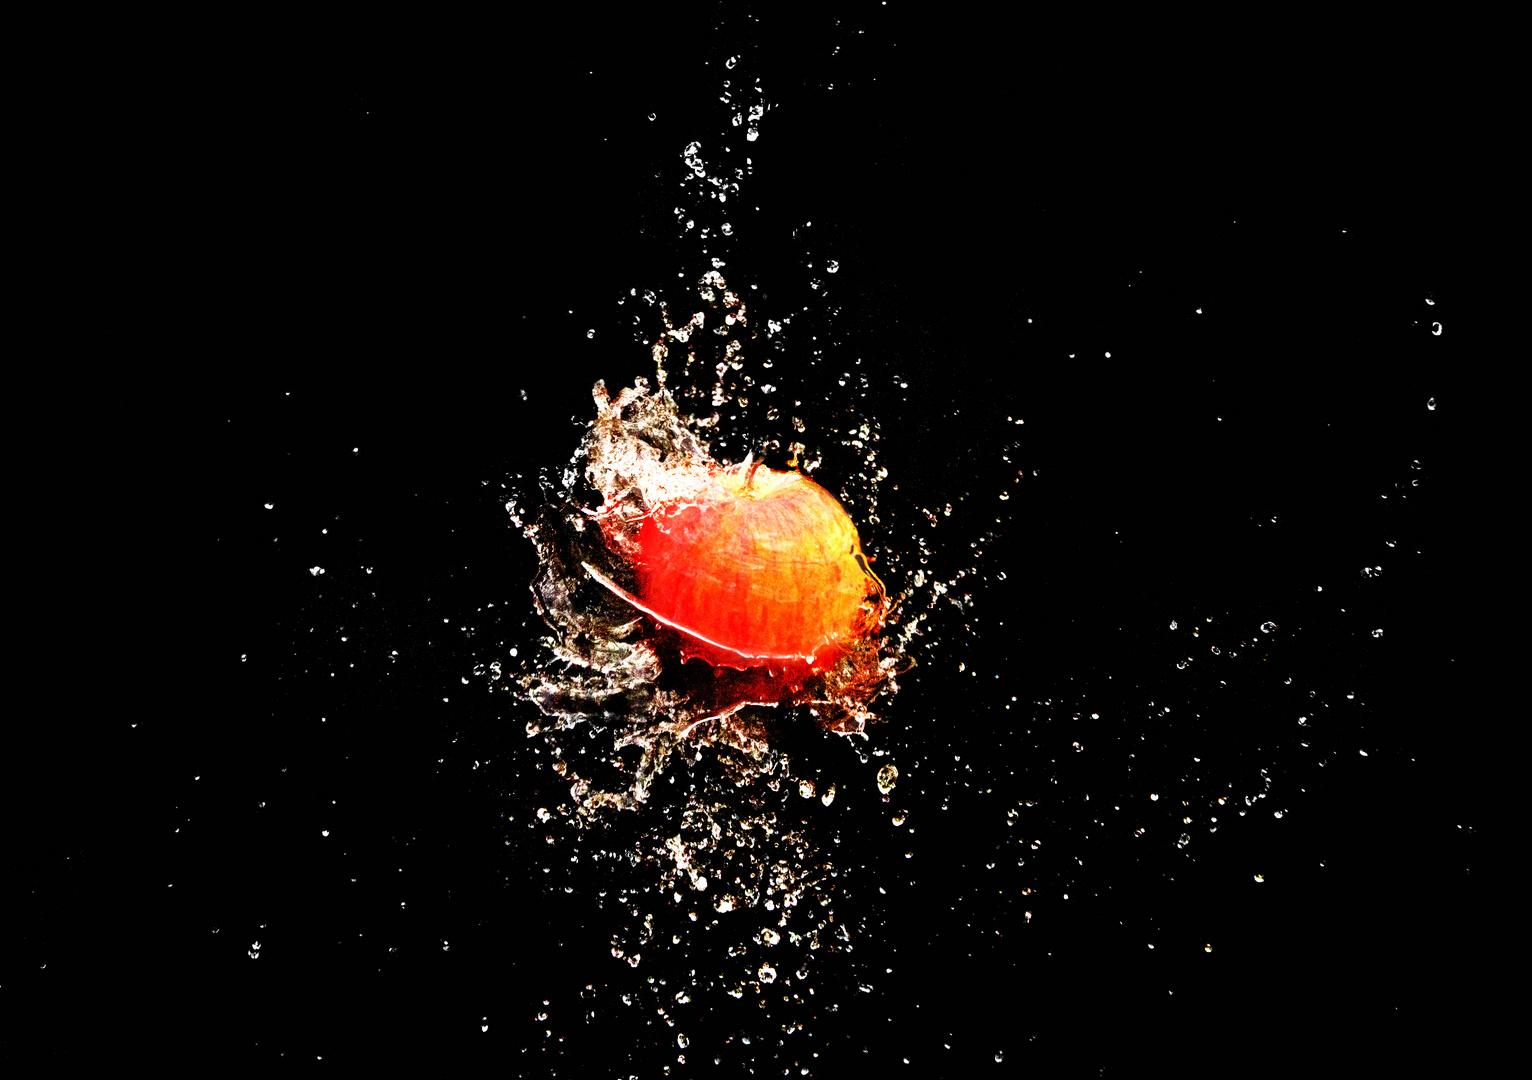 Apfel Splash